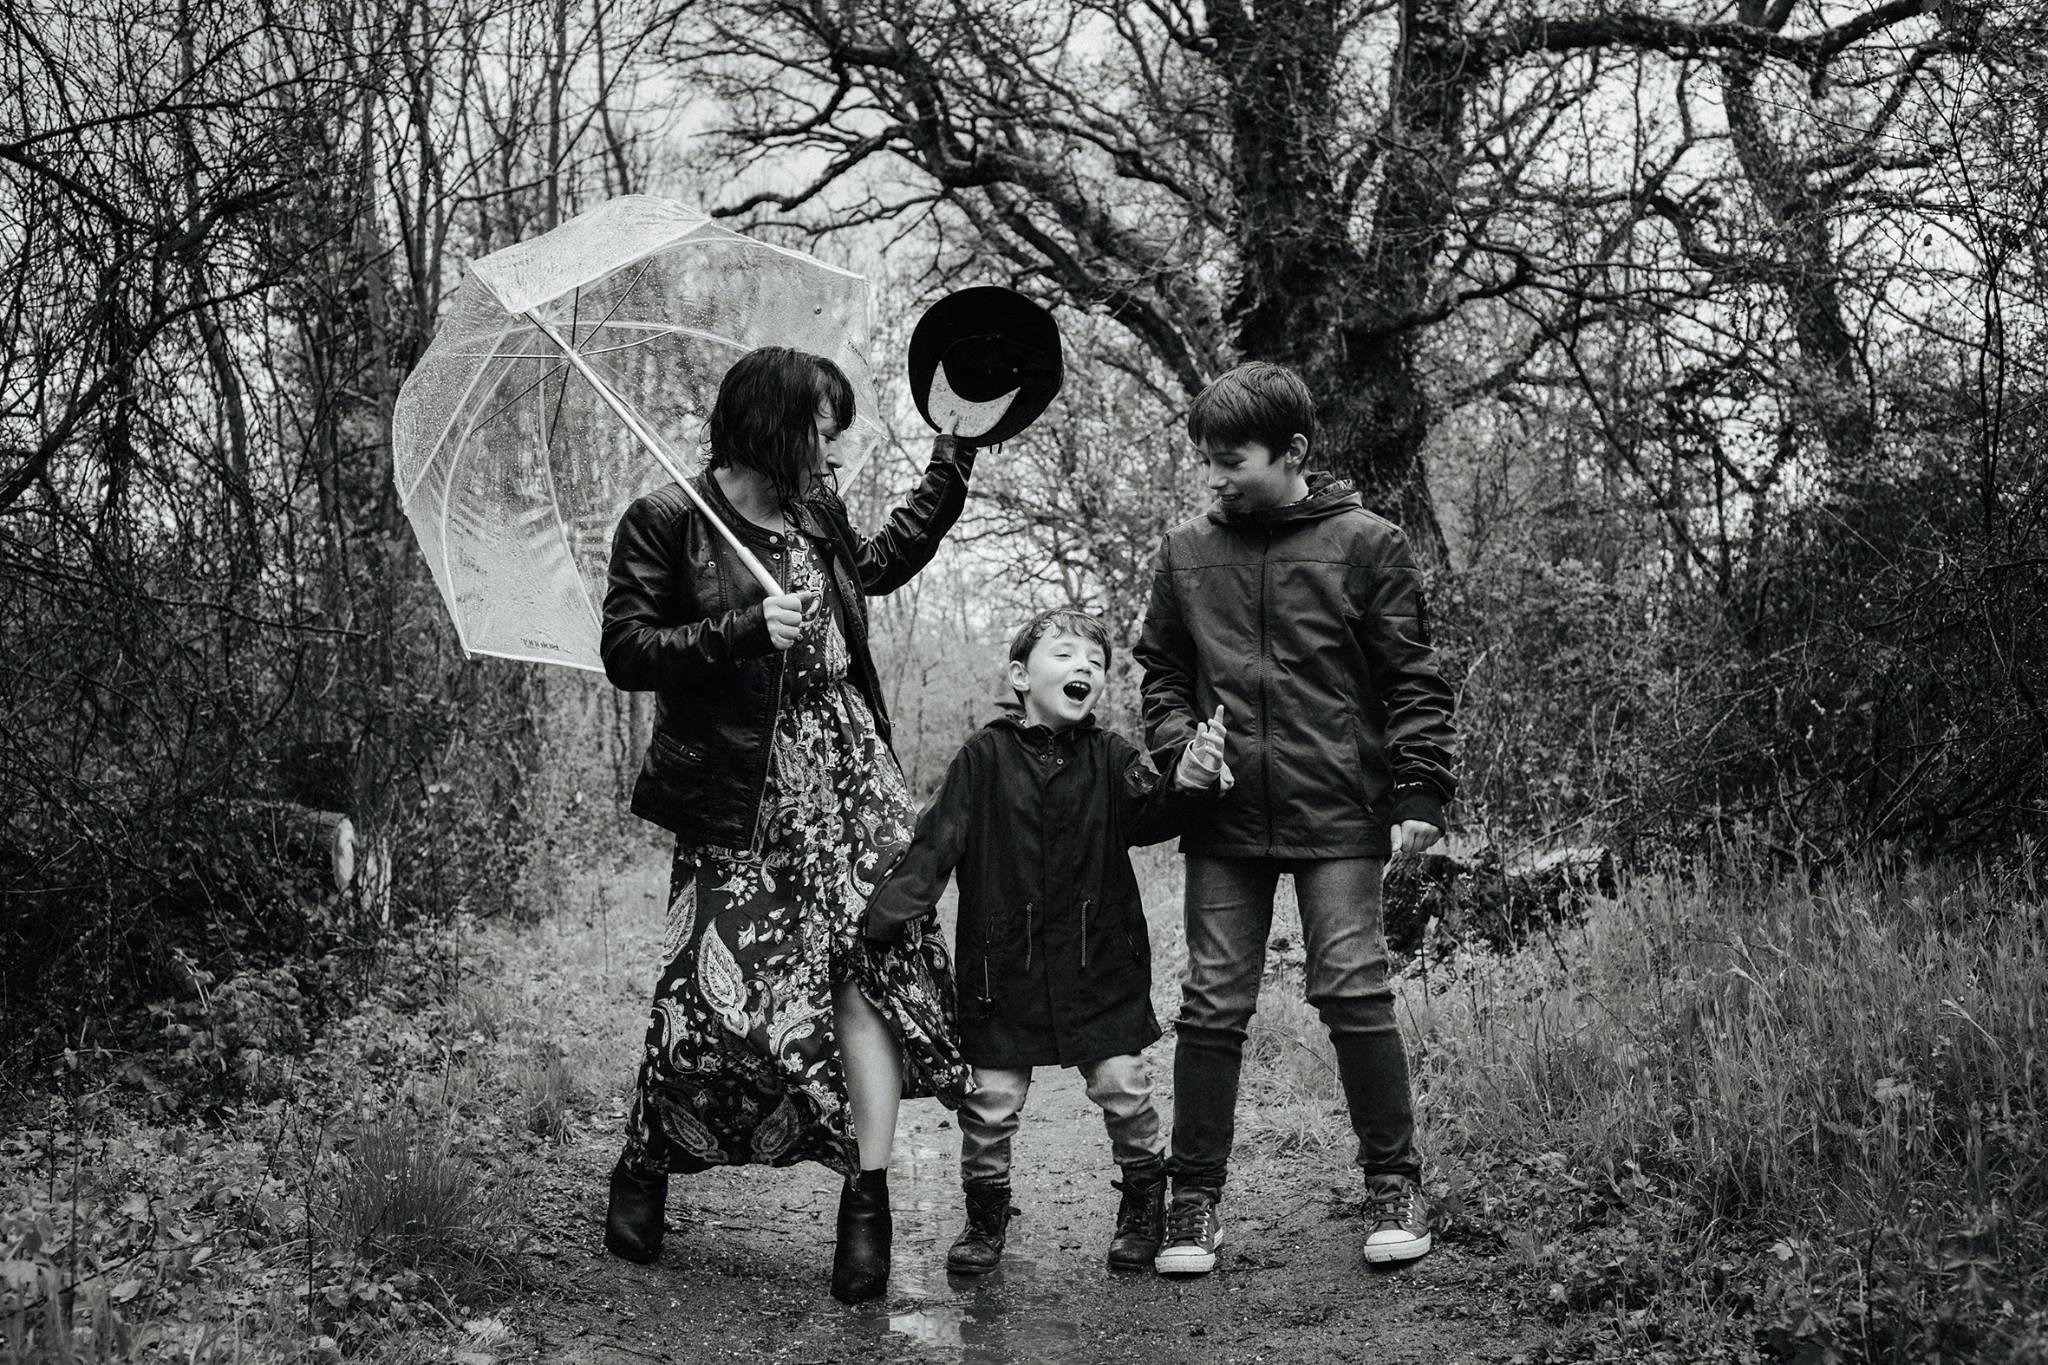 Castille ALMA et ses enfants. Séance photo dans le cadre du workshop famille. Hélène DODET